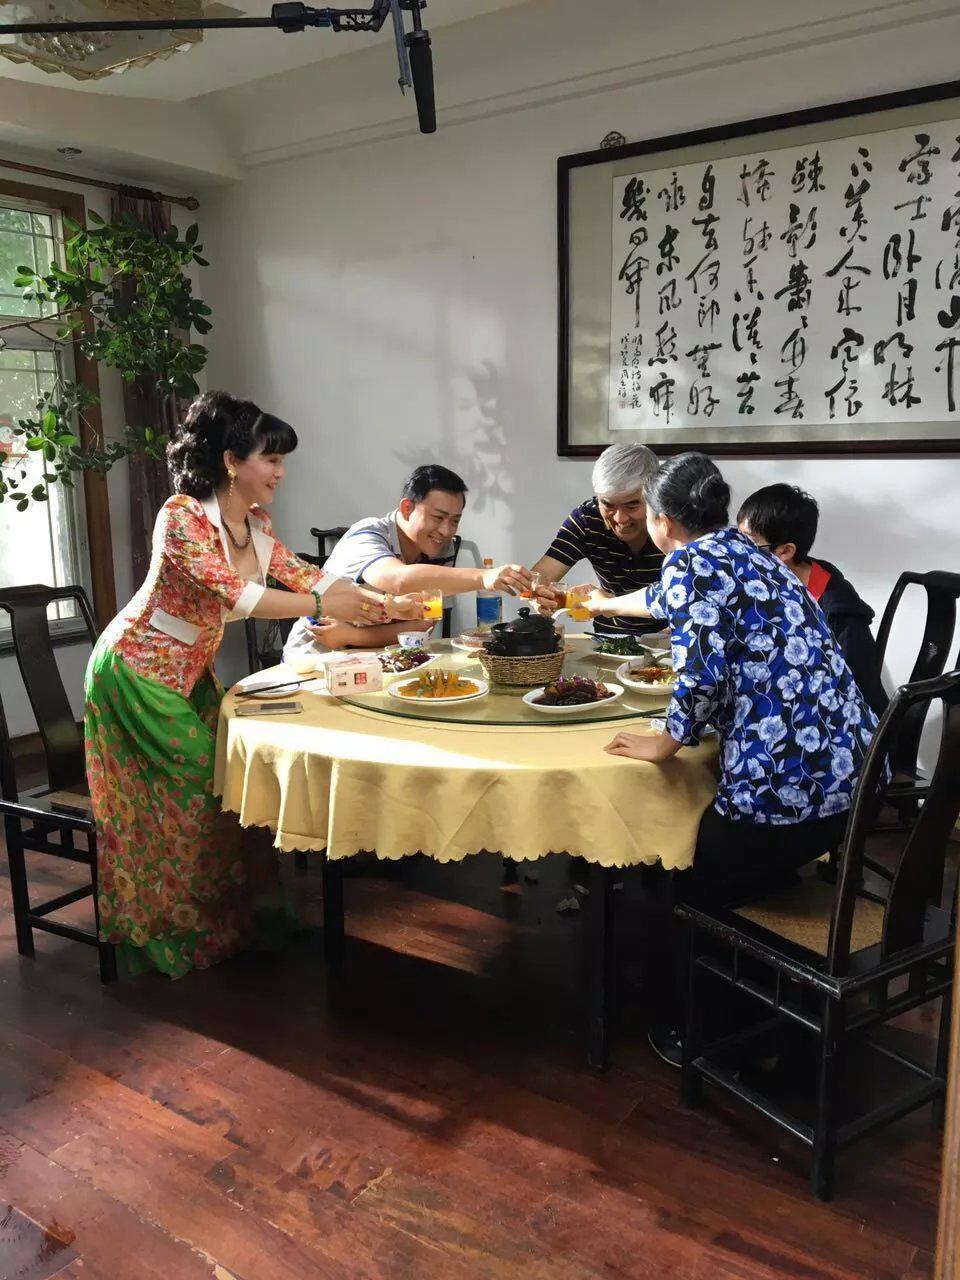 苏州少年横漂记12月20日公映!孟潞演技爆发哭戏晕